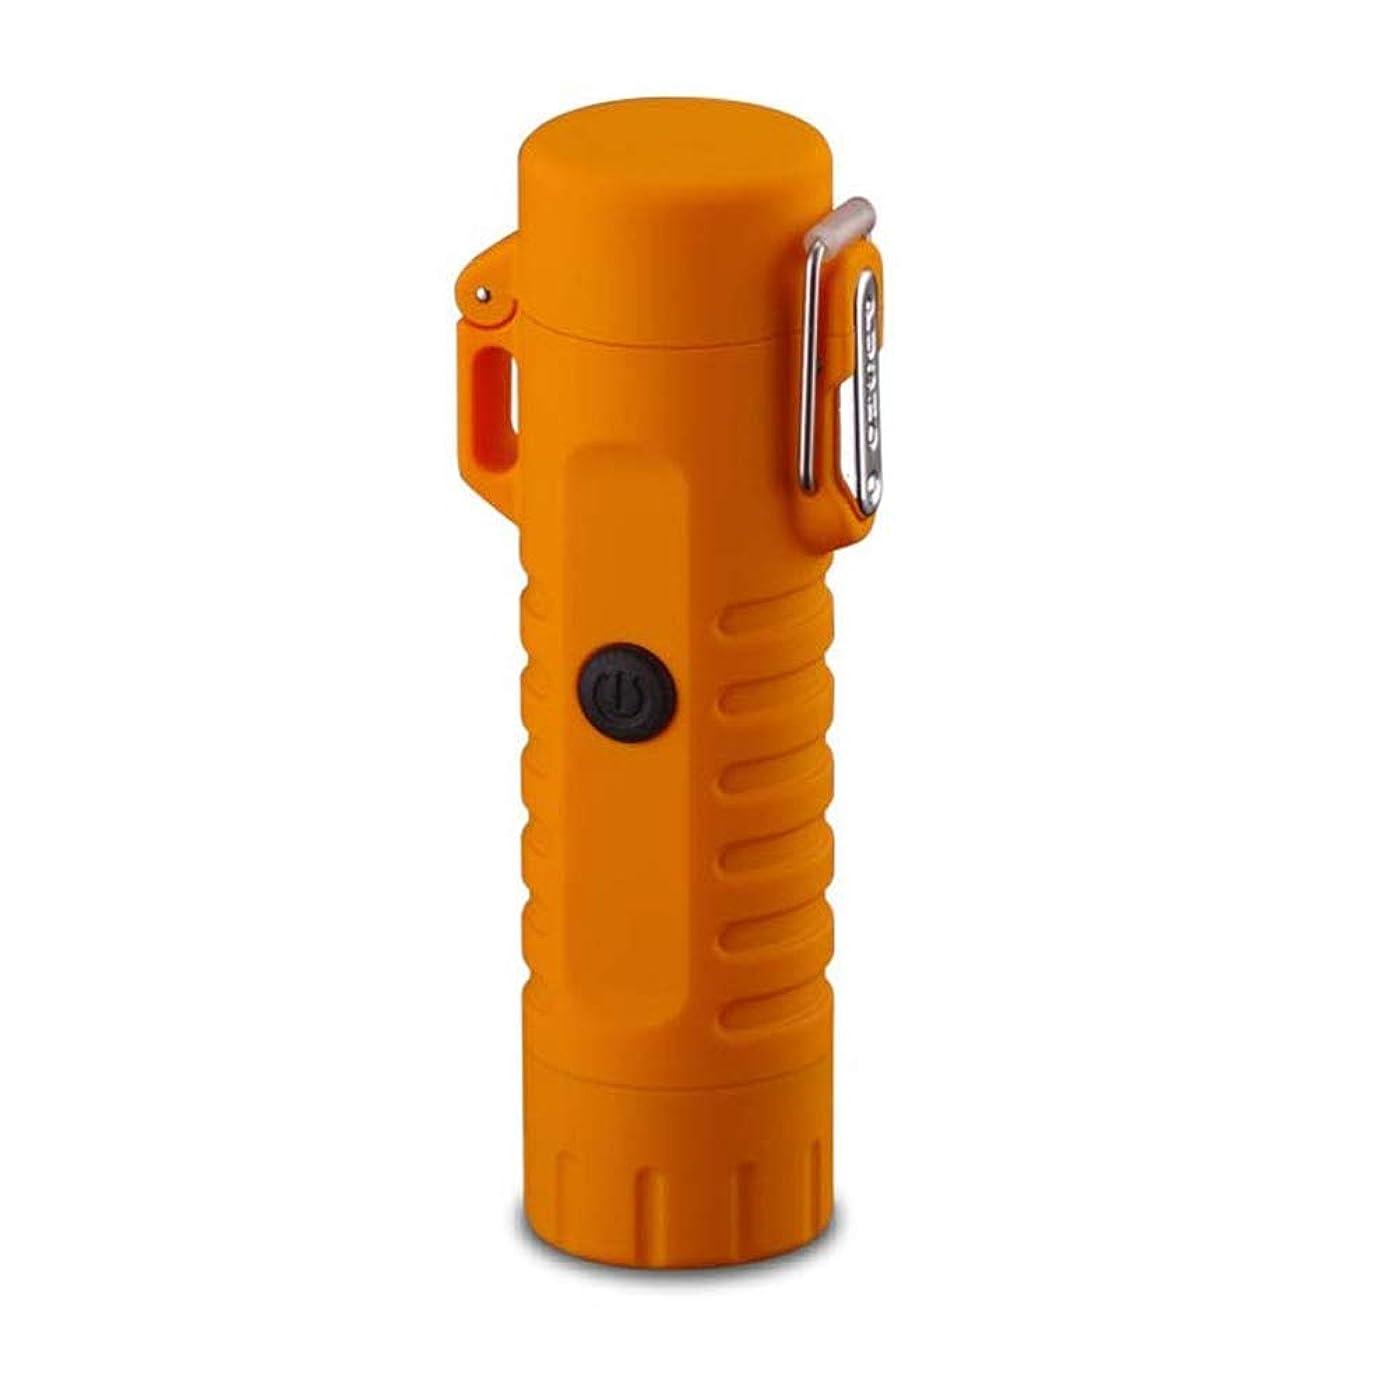 エピソード取るに足らない道徳教育プラズマ ライターusb ライター Arakoo 小型 充電式 防風 軽量 薄型 プレゼント